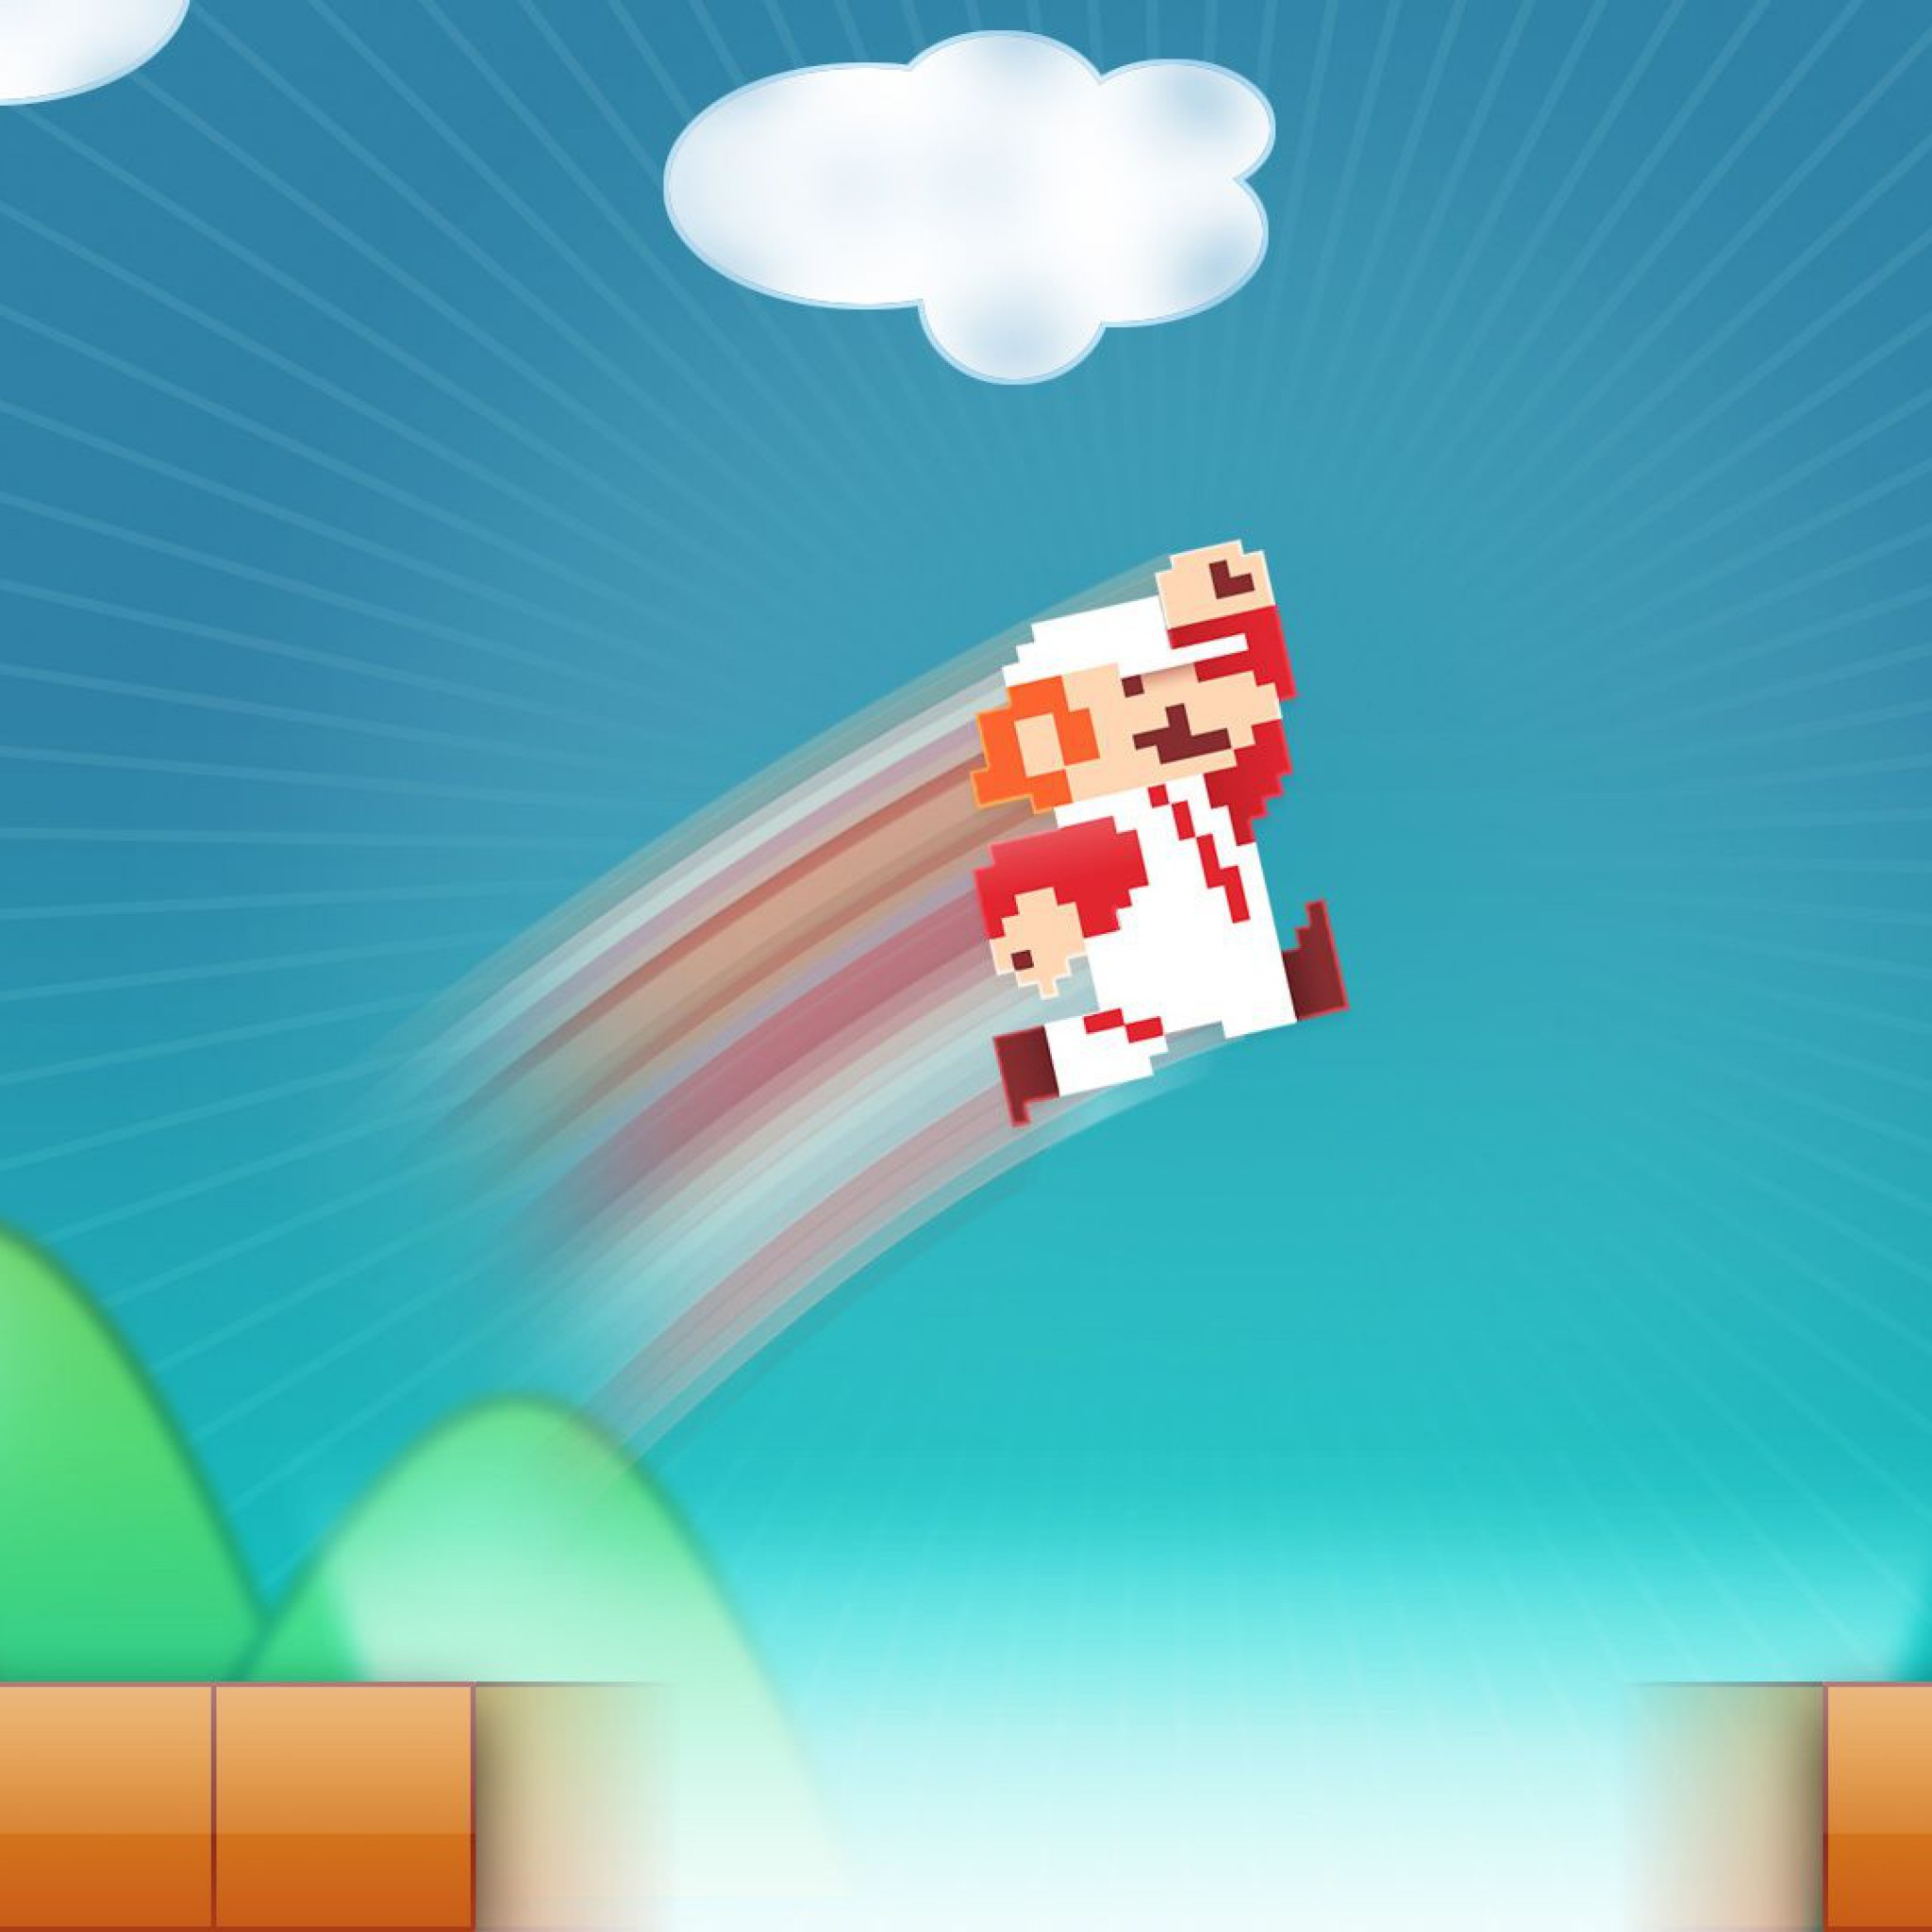 Res: 2048x2048, 8-Bit-Game-Mario-